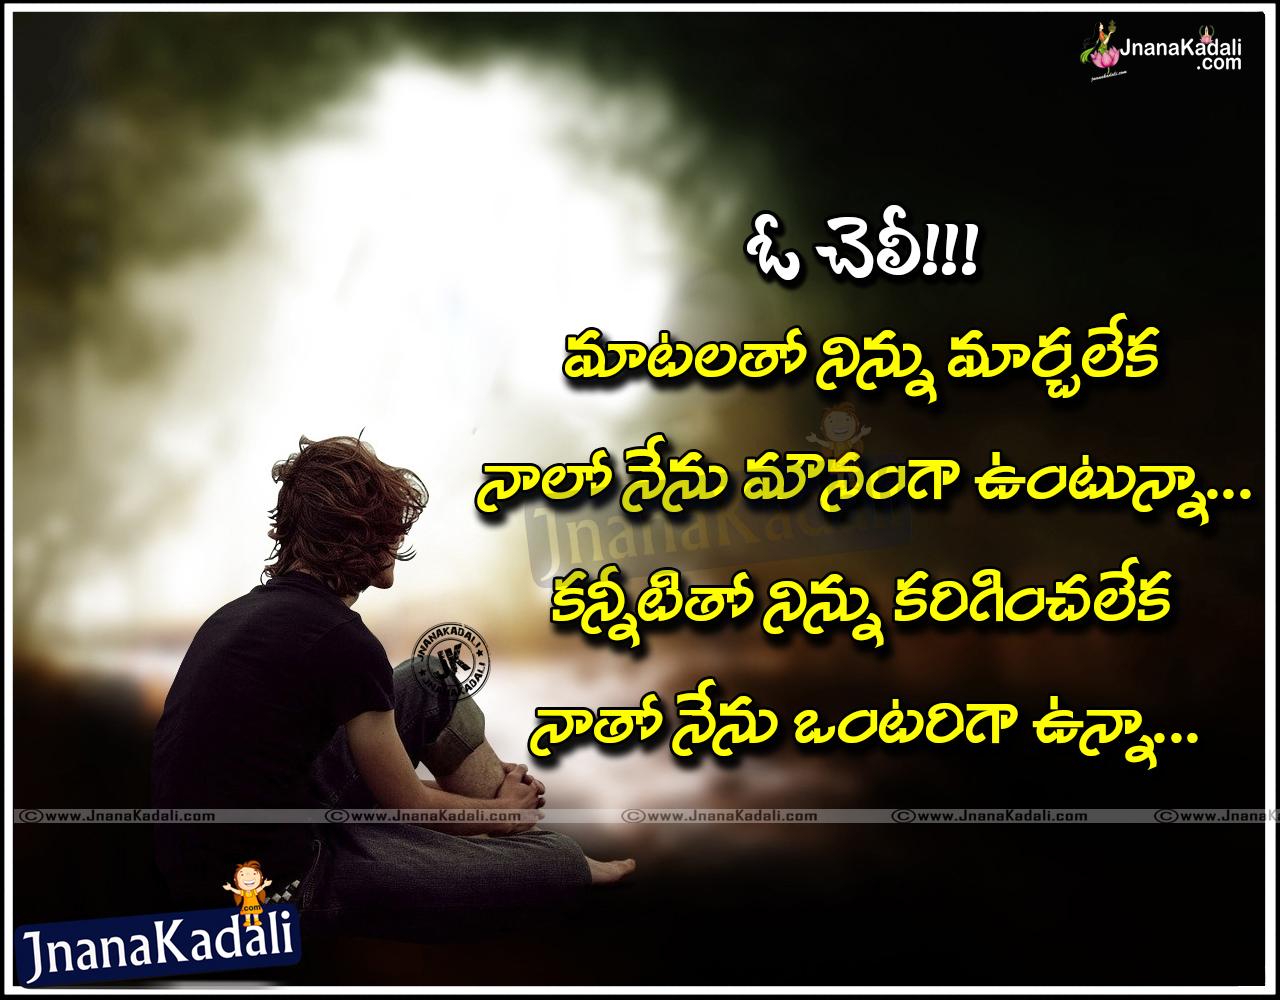 Imgenes De Sad Quote Images In Telugu